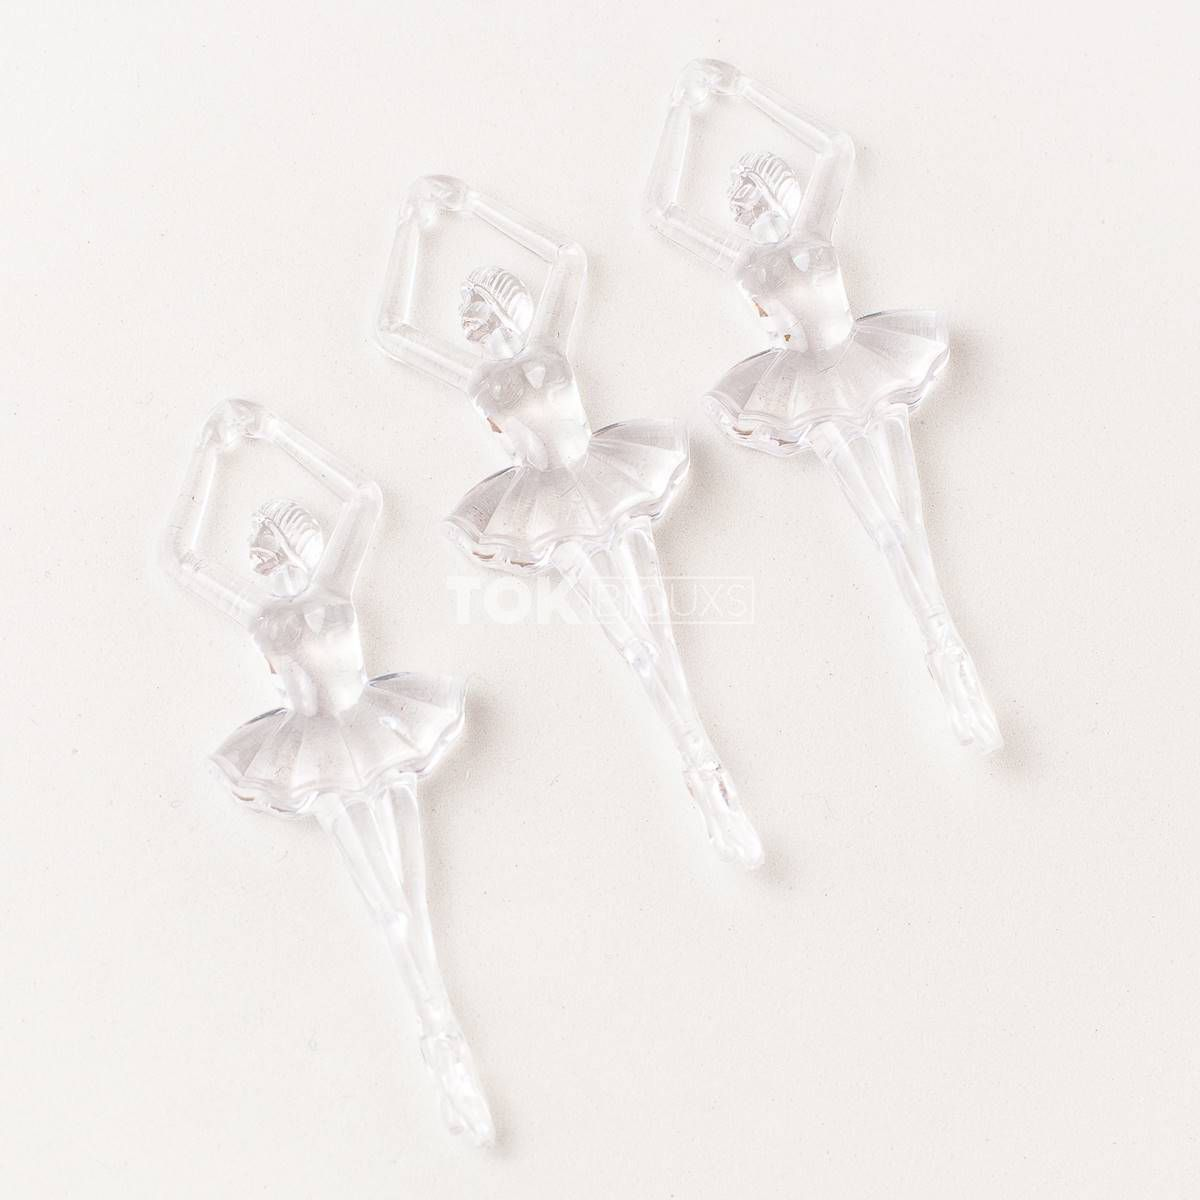 Bailarina Acrílico - Transparente - 250g